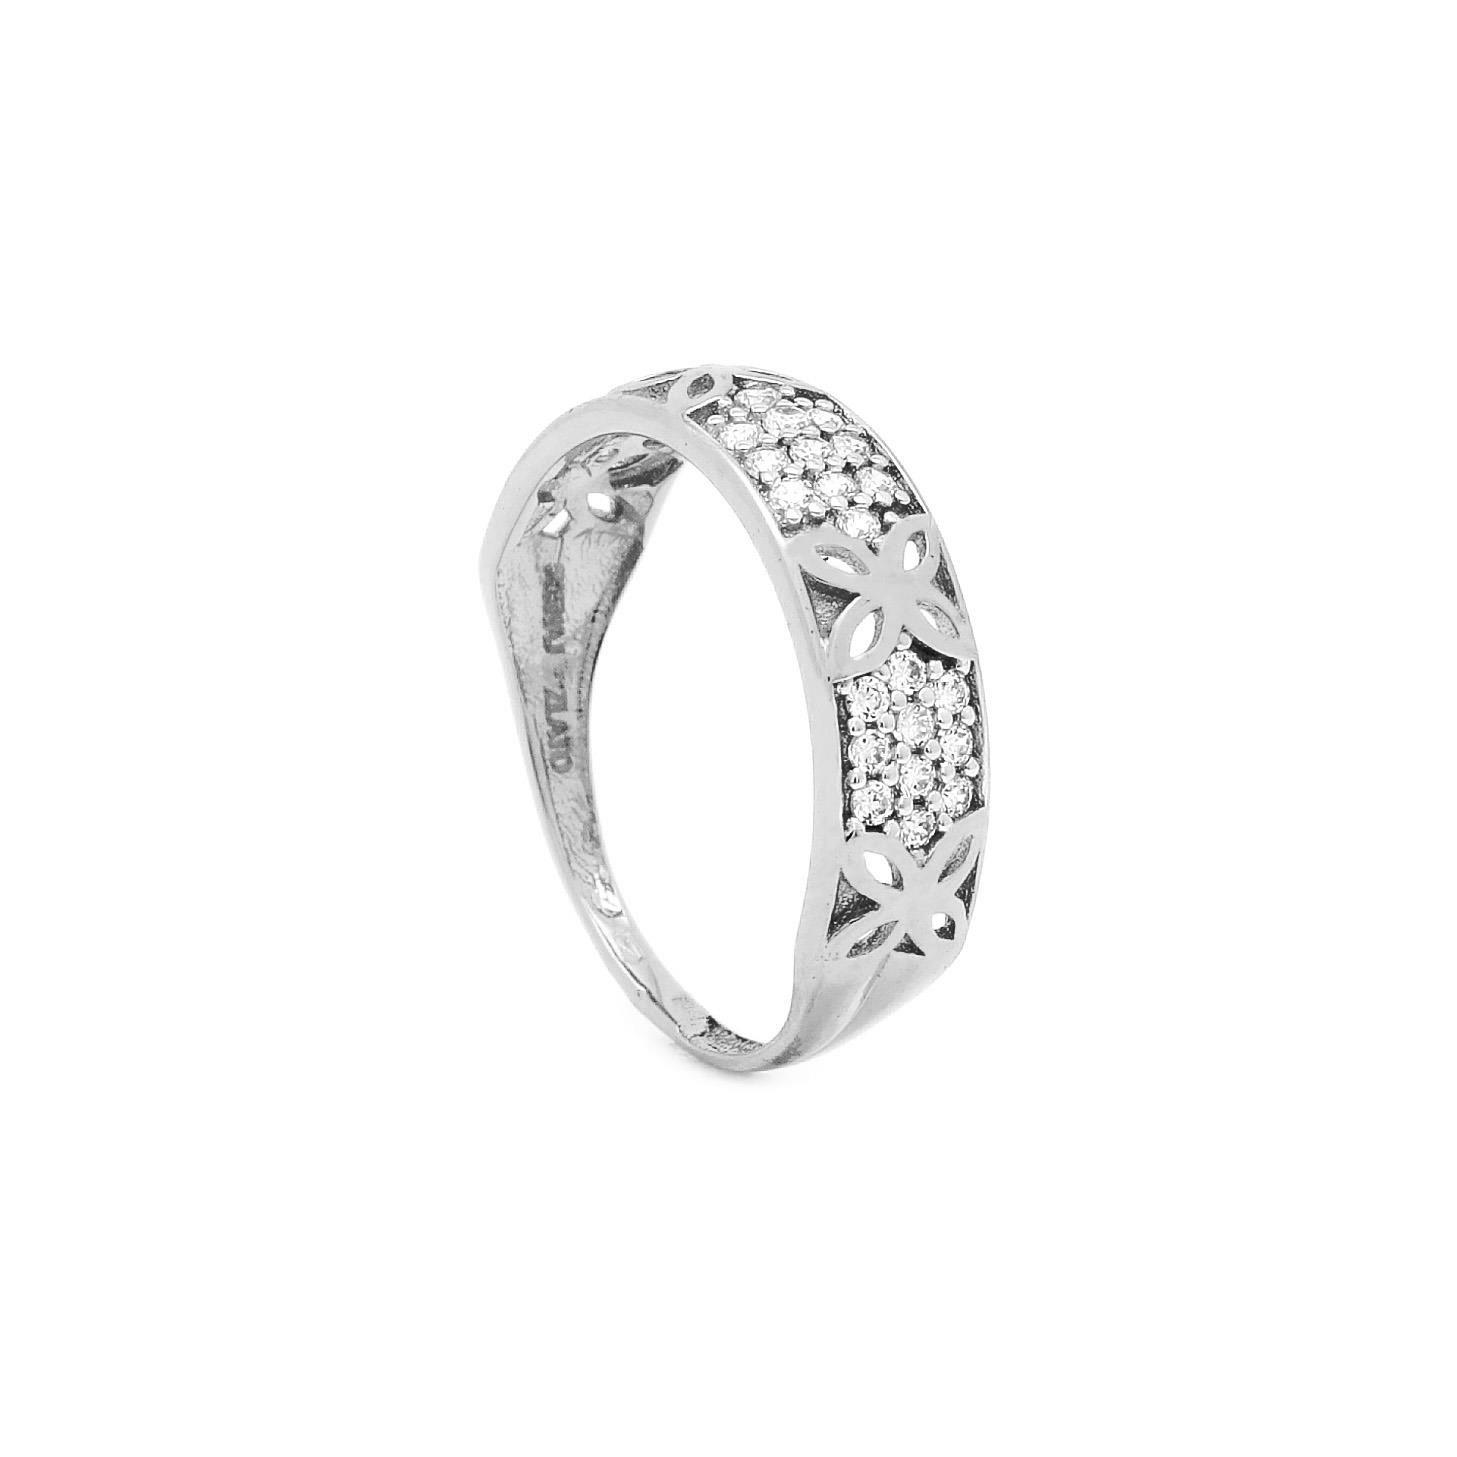 7de89aa6e0 Zlatý dámsky prsteň BELINDA white